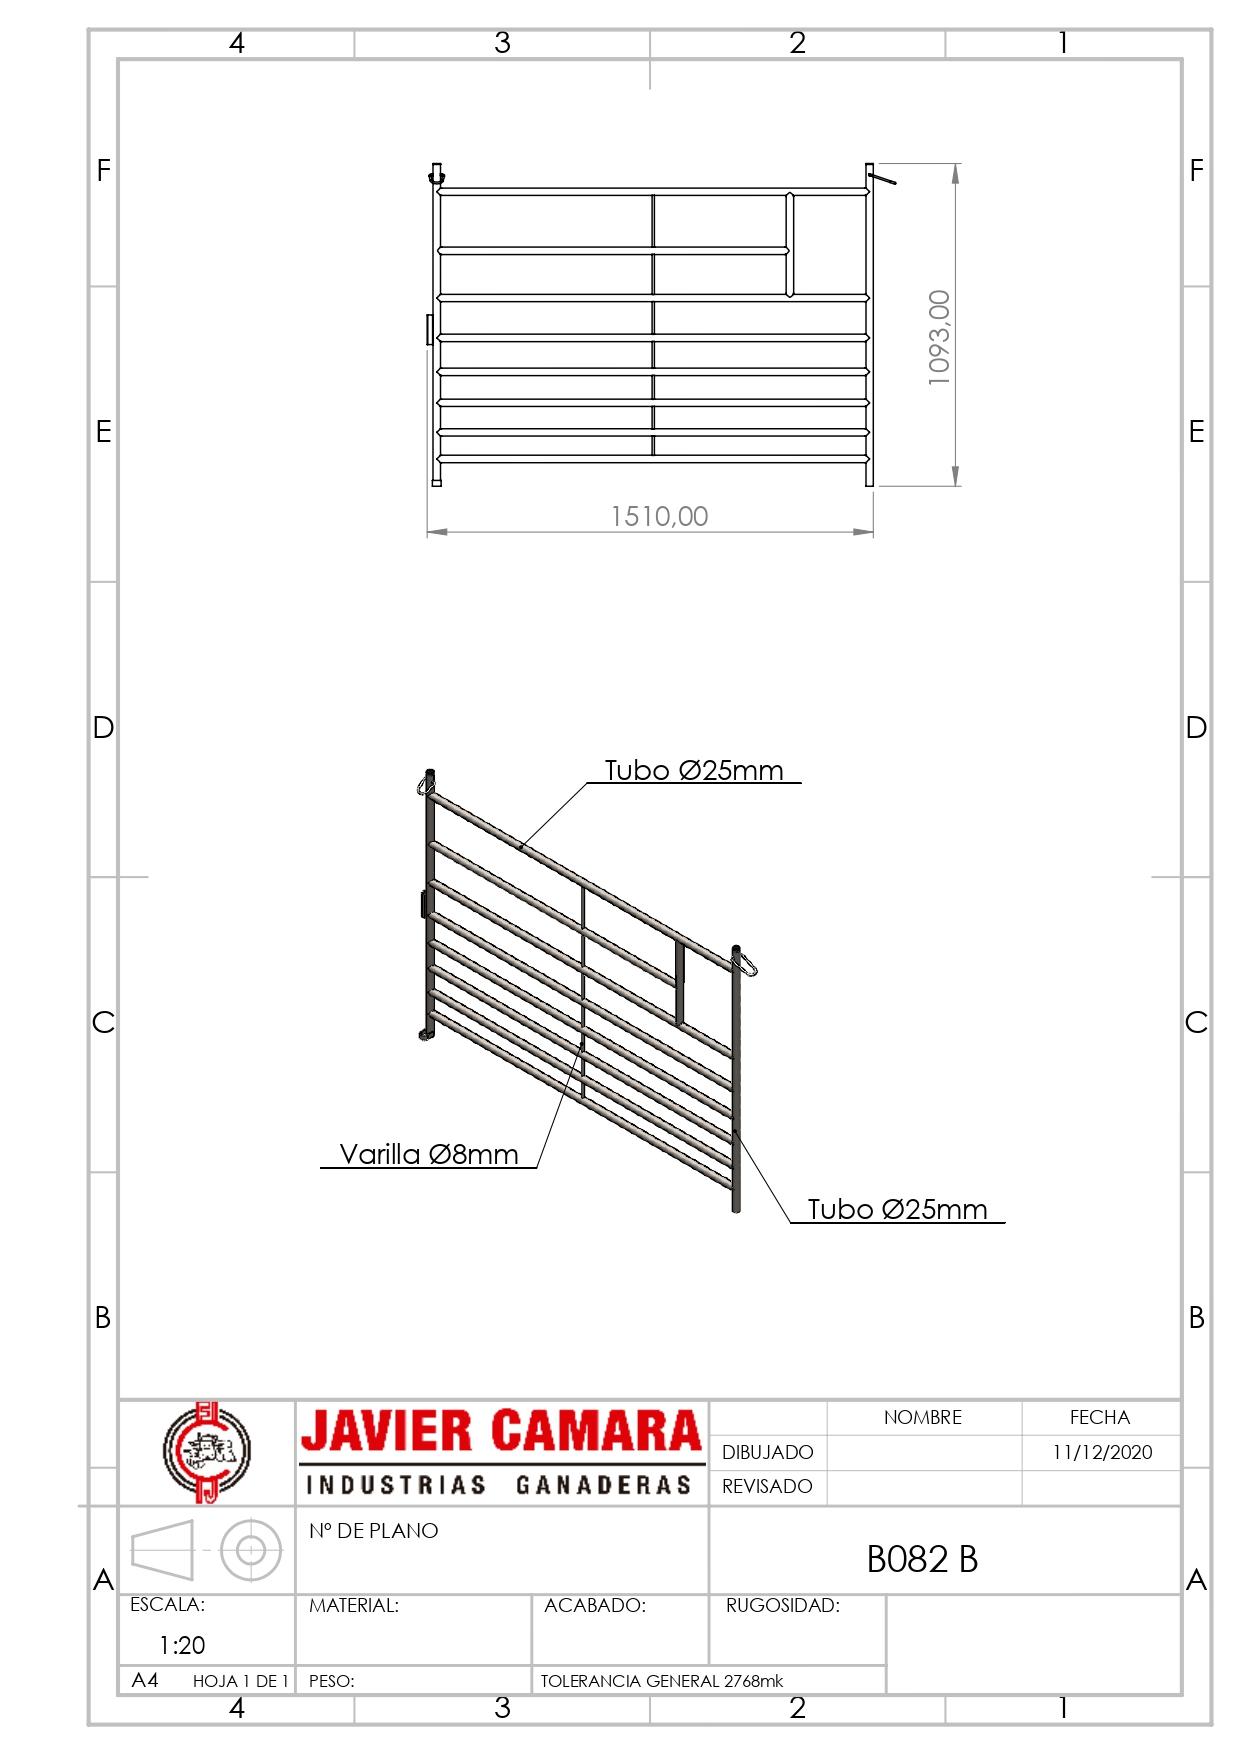 Javier Camara G008 - Componentes (1) - 6